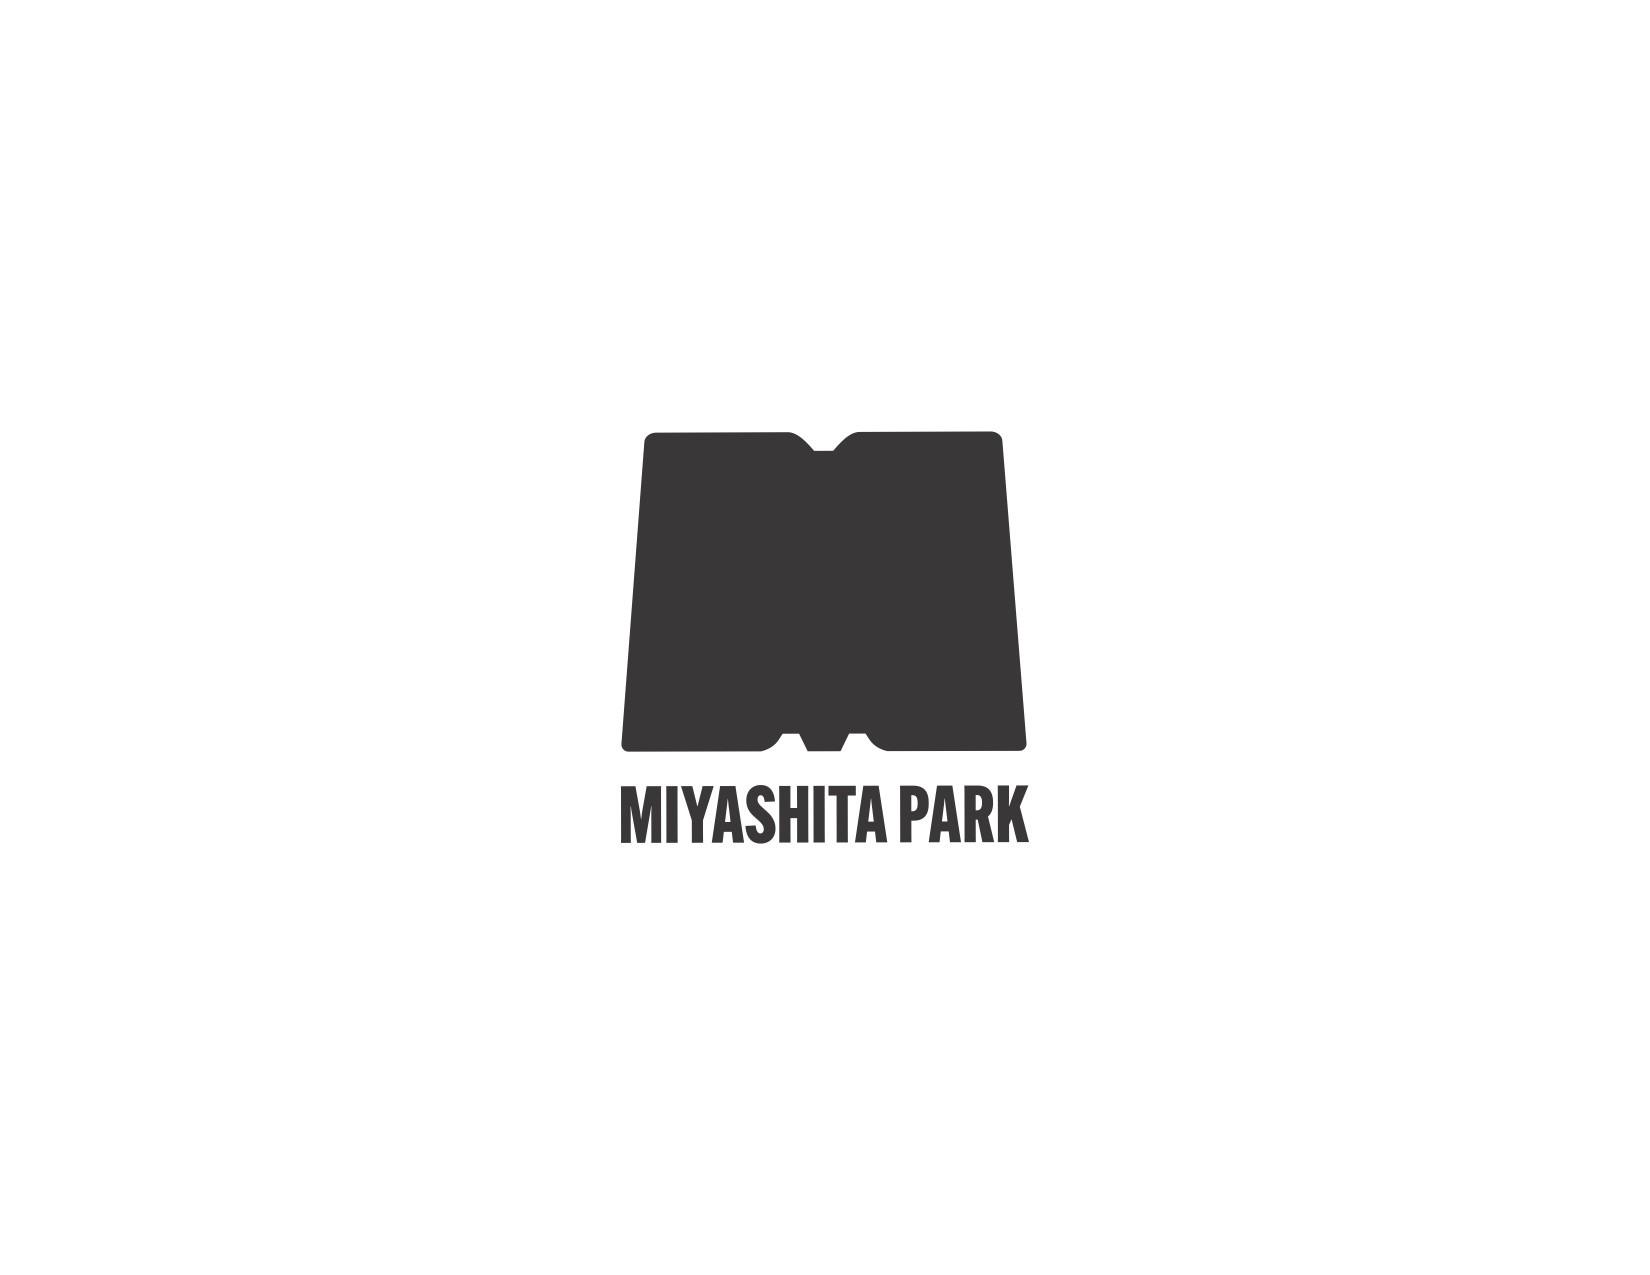 MIYASHITA PARK X'mas MARKET